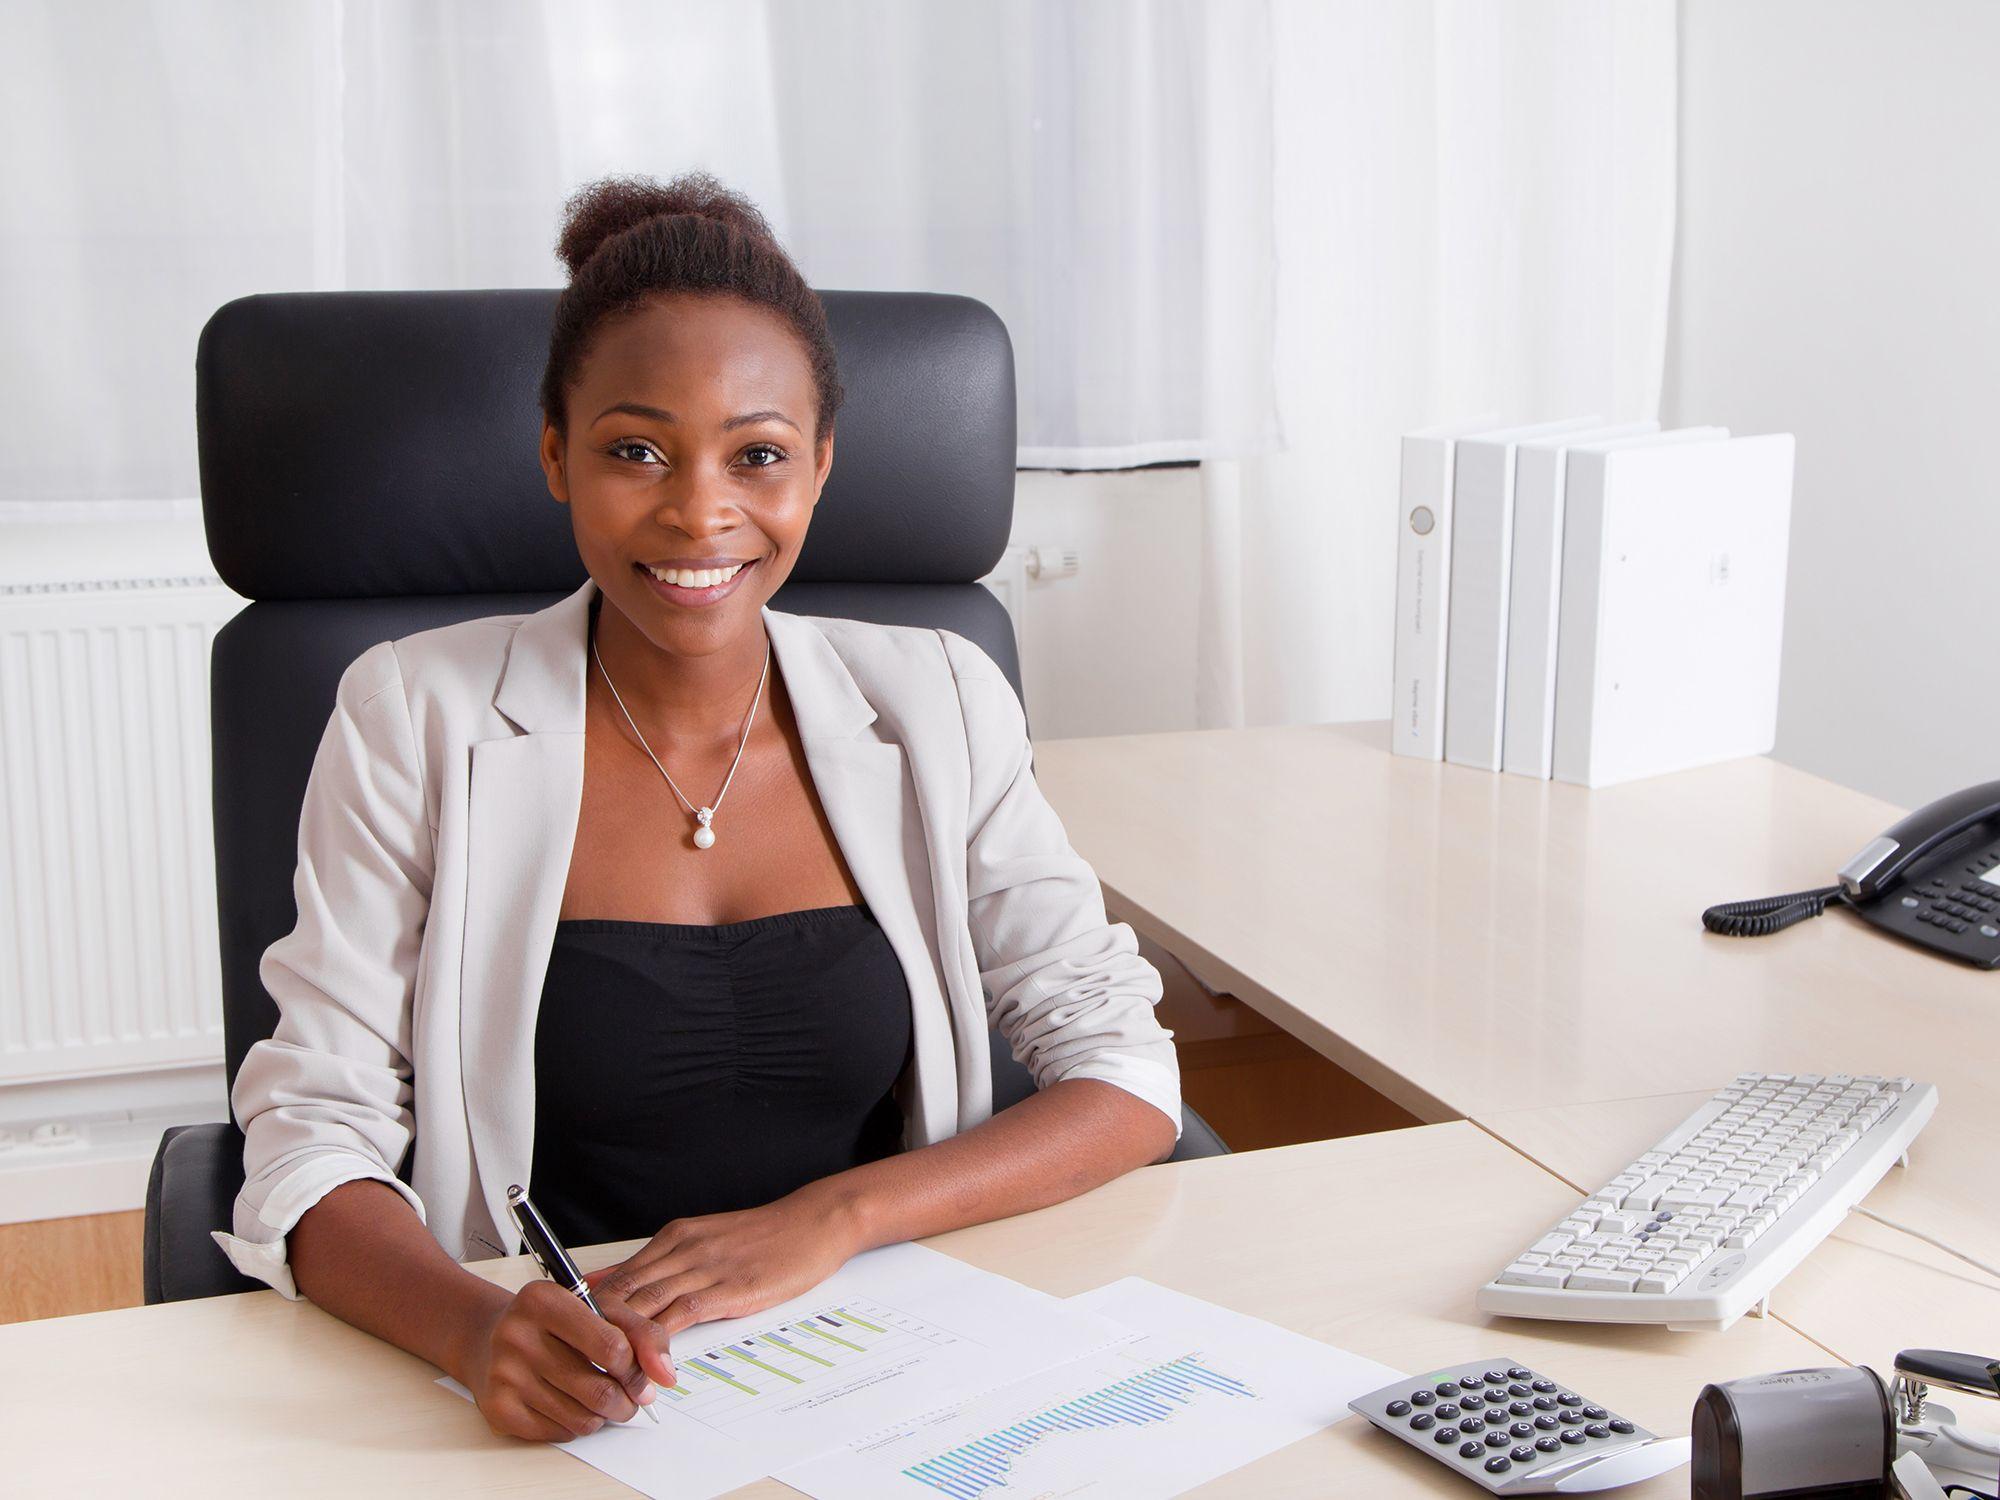 Level 2 - Büroleiter, Büromanager, Abteilungsleiter, Bereichsleiter, Betriebsleiter, Betriebsmeister, Bürovorsteher, Einkaufsleiter, Filialleiter, Gruppenleiter, Leiter, Produktionsleiter, Produktmanager, Teamleiter, Verkaufsleiter, Vertriebsleiter, Werkleiter, Werksleiter, Einsatzleiter, Projektleiter, Bürofachkraft und Bürokraft, Leiharbeiter, Zeitarbeiter, Leiharbeitnehmer, Leihkraft, Temporärarbeiter für Büros, Büroarbeit, Büroaufgaben, Bürotätigkeiten, Büroorganisation, Urlaubsvertretung und Rekrutierung bei uns als Personalagentur, Zeitarbeitsfirma, Zeitarbeitsunternehmen, Personal-Service-Agentur, Personaldienstleistungsagentur und Leiharbeitsfirma per Arbeitnehmer-Leasing, Arbeitnehmerüberlassung, Arbeitskräfte-Leasing, Arbeitskräfteüberlassung, Arbeitskraftüberlassung, Leiharbeit, Mitarbeiter-Leasing, Mitarbeiterleasing, Mitarbeiterüberlassung, Personaldienstleistung, Personalleasing, Personalüberlassung, Temporärarbeit, Zeitarbeit buchen, mieten, leihen oder langfristig neue Mitarbeiter für Jobs wie Schülerjobs, Ferienjobs, Aushilfsjobs, Studentenjobs, Werkstudentenjobs, Saisonjobs, Vollzeit Jobs, Teilzeit Jobs, Nebenjobs, Temporär Jobs, Gelegenheitsjobs per Personalvermittlung suchen, finden und vermittelt bekommen.